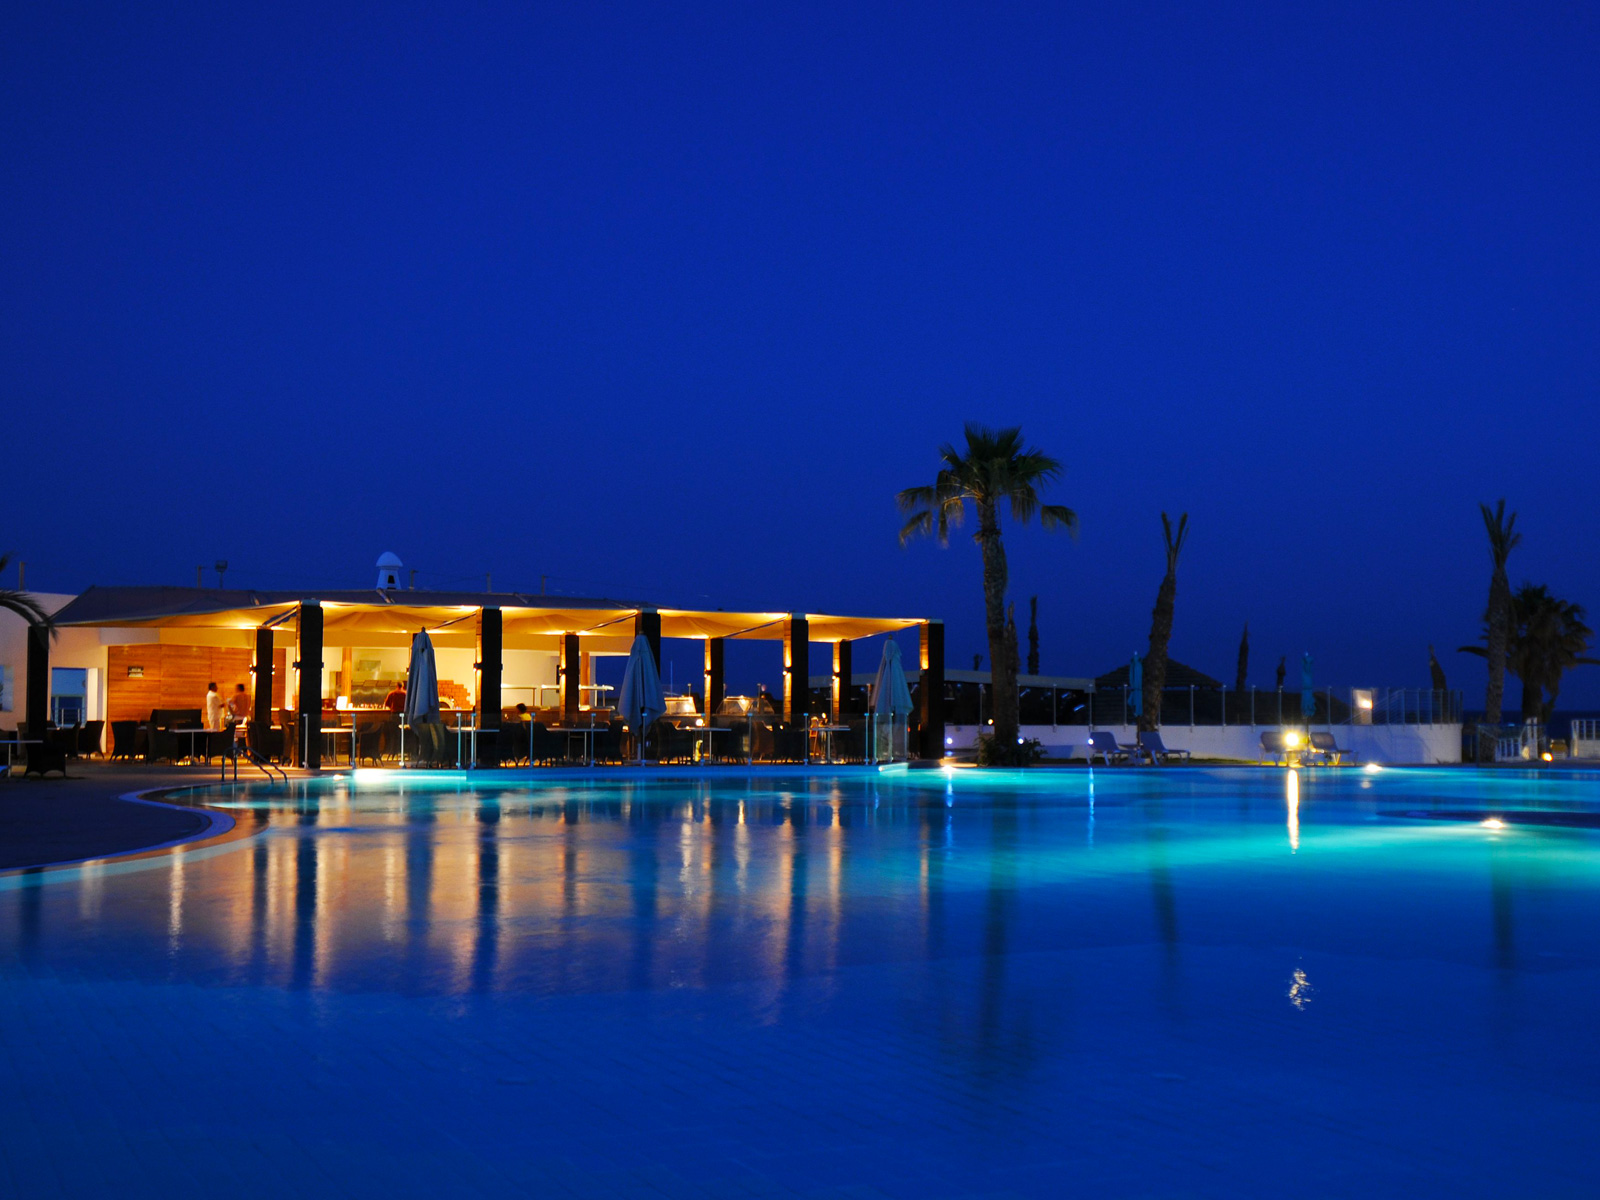 Snack Piscine  - Hamammet Nozha Beach Hotel